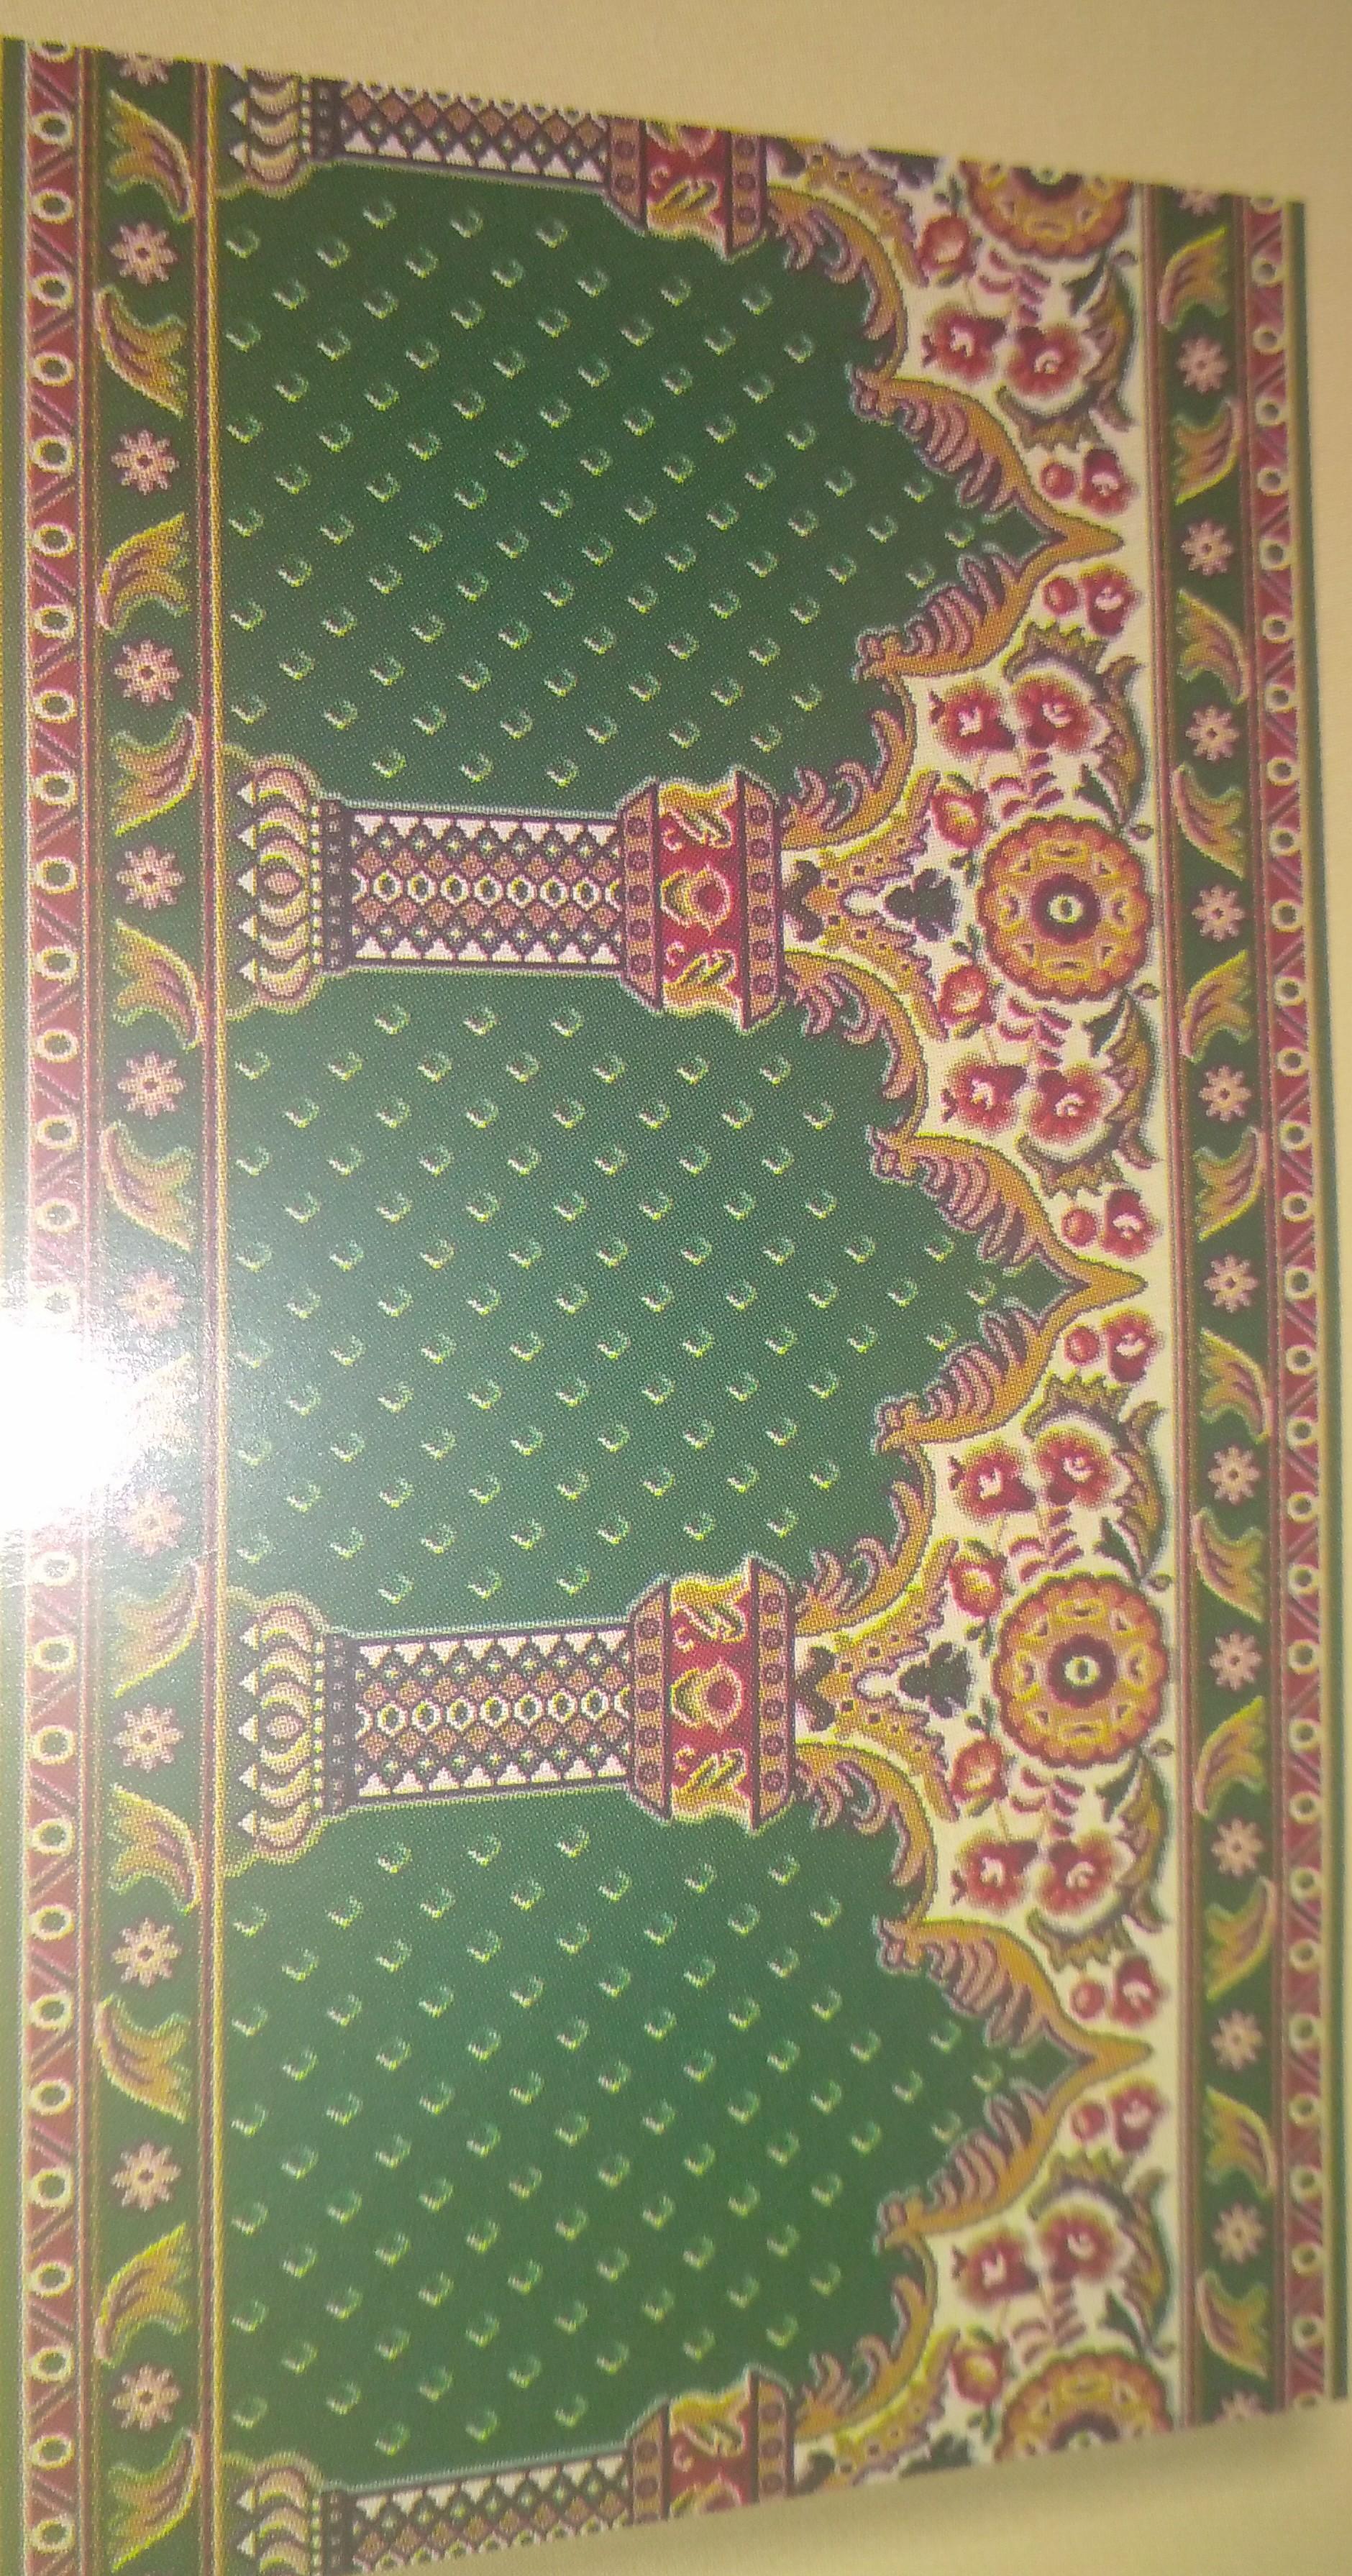 karpet sajadah kingdom buat mosholla atau masjid anda lebih berwarna